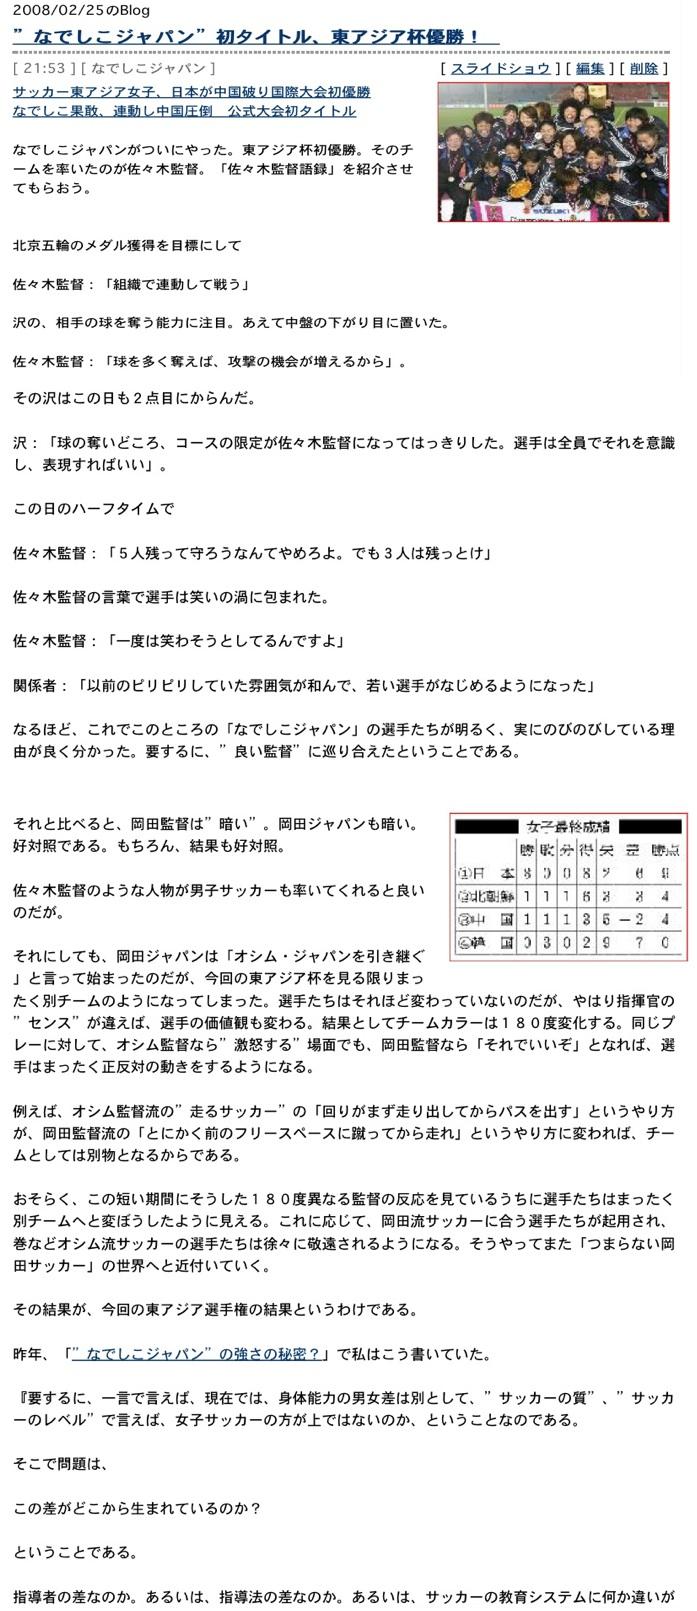 なでしこジャパンW杯初優勝おめでとう2:「なでしこは一日にしてならず」」_e0171614_1340397.jpg